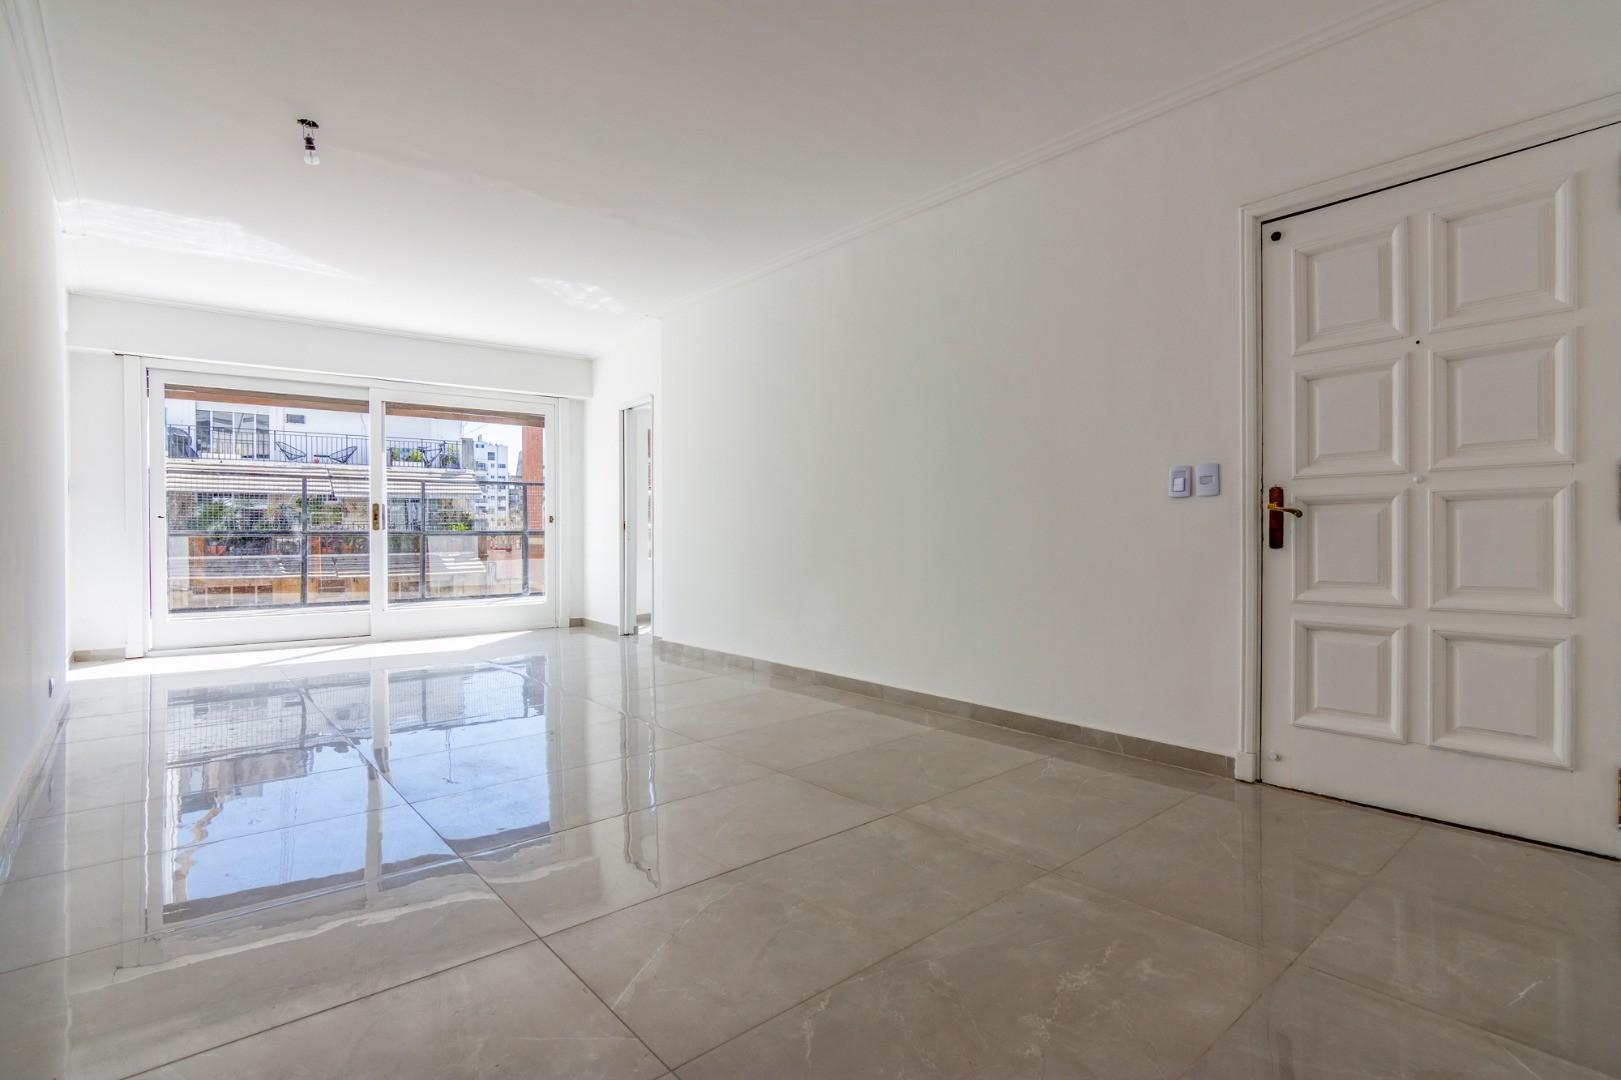 Departamento en Alquiler en Palermo Chico - 4 ambientes